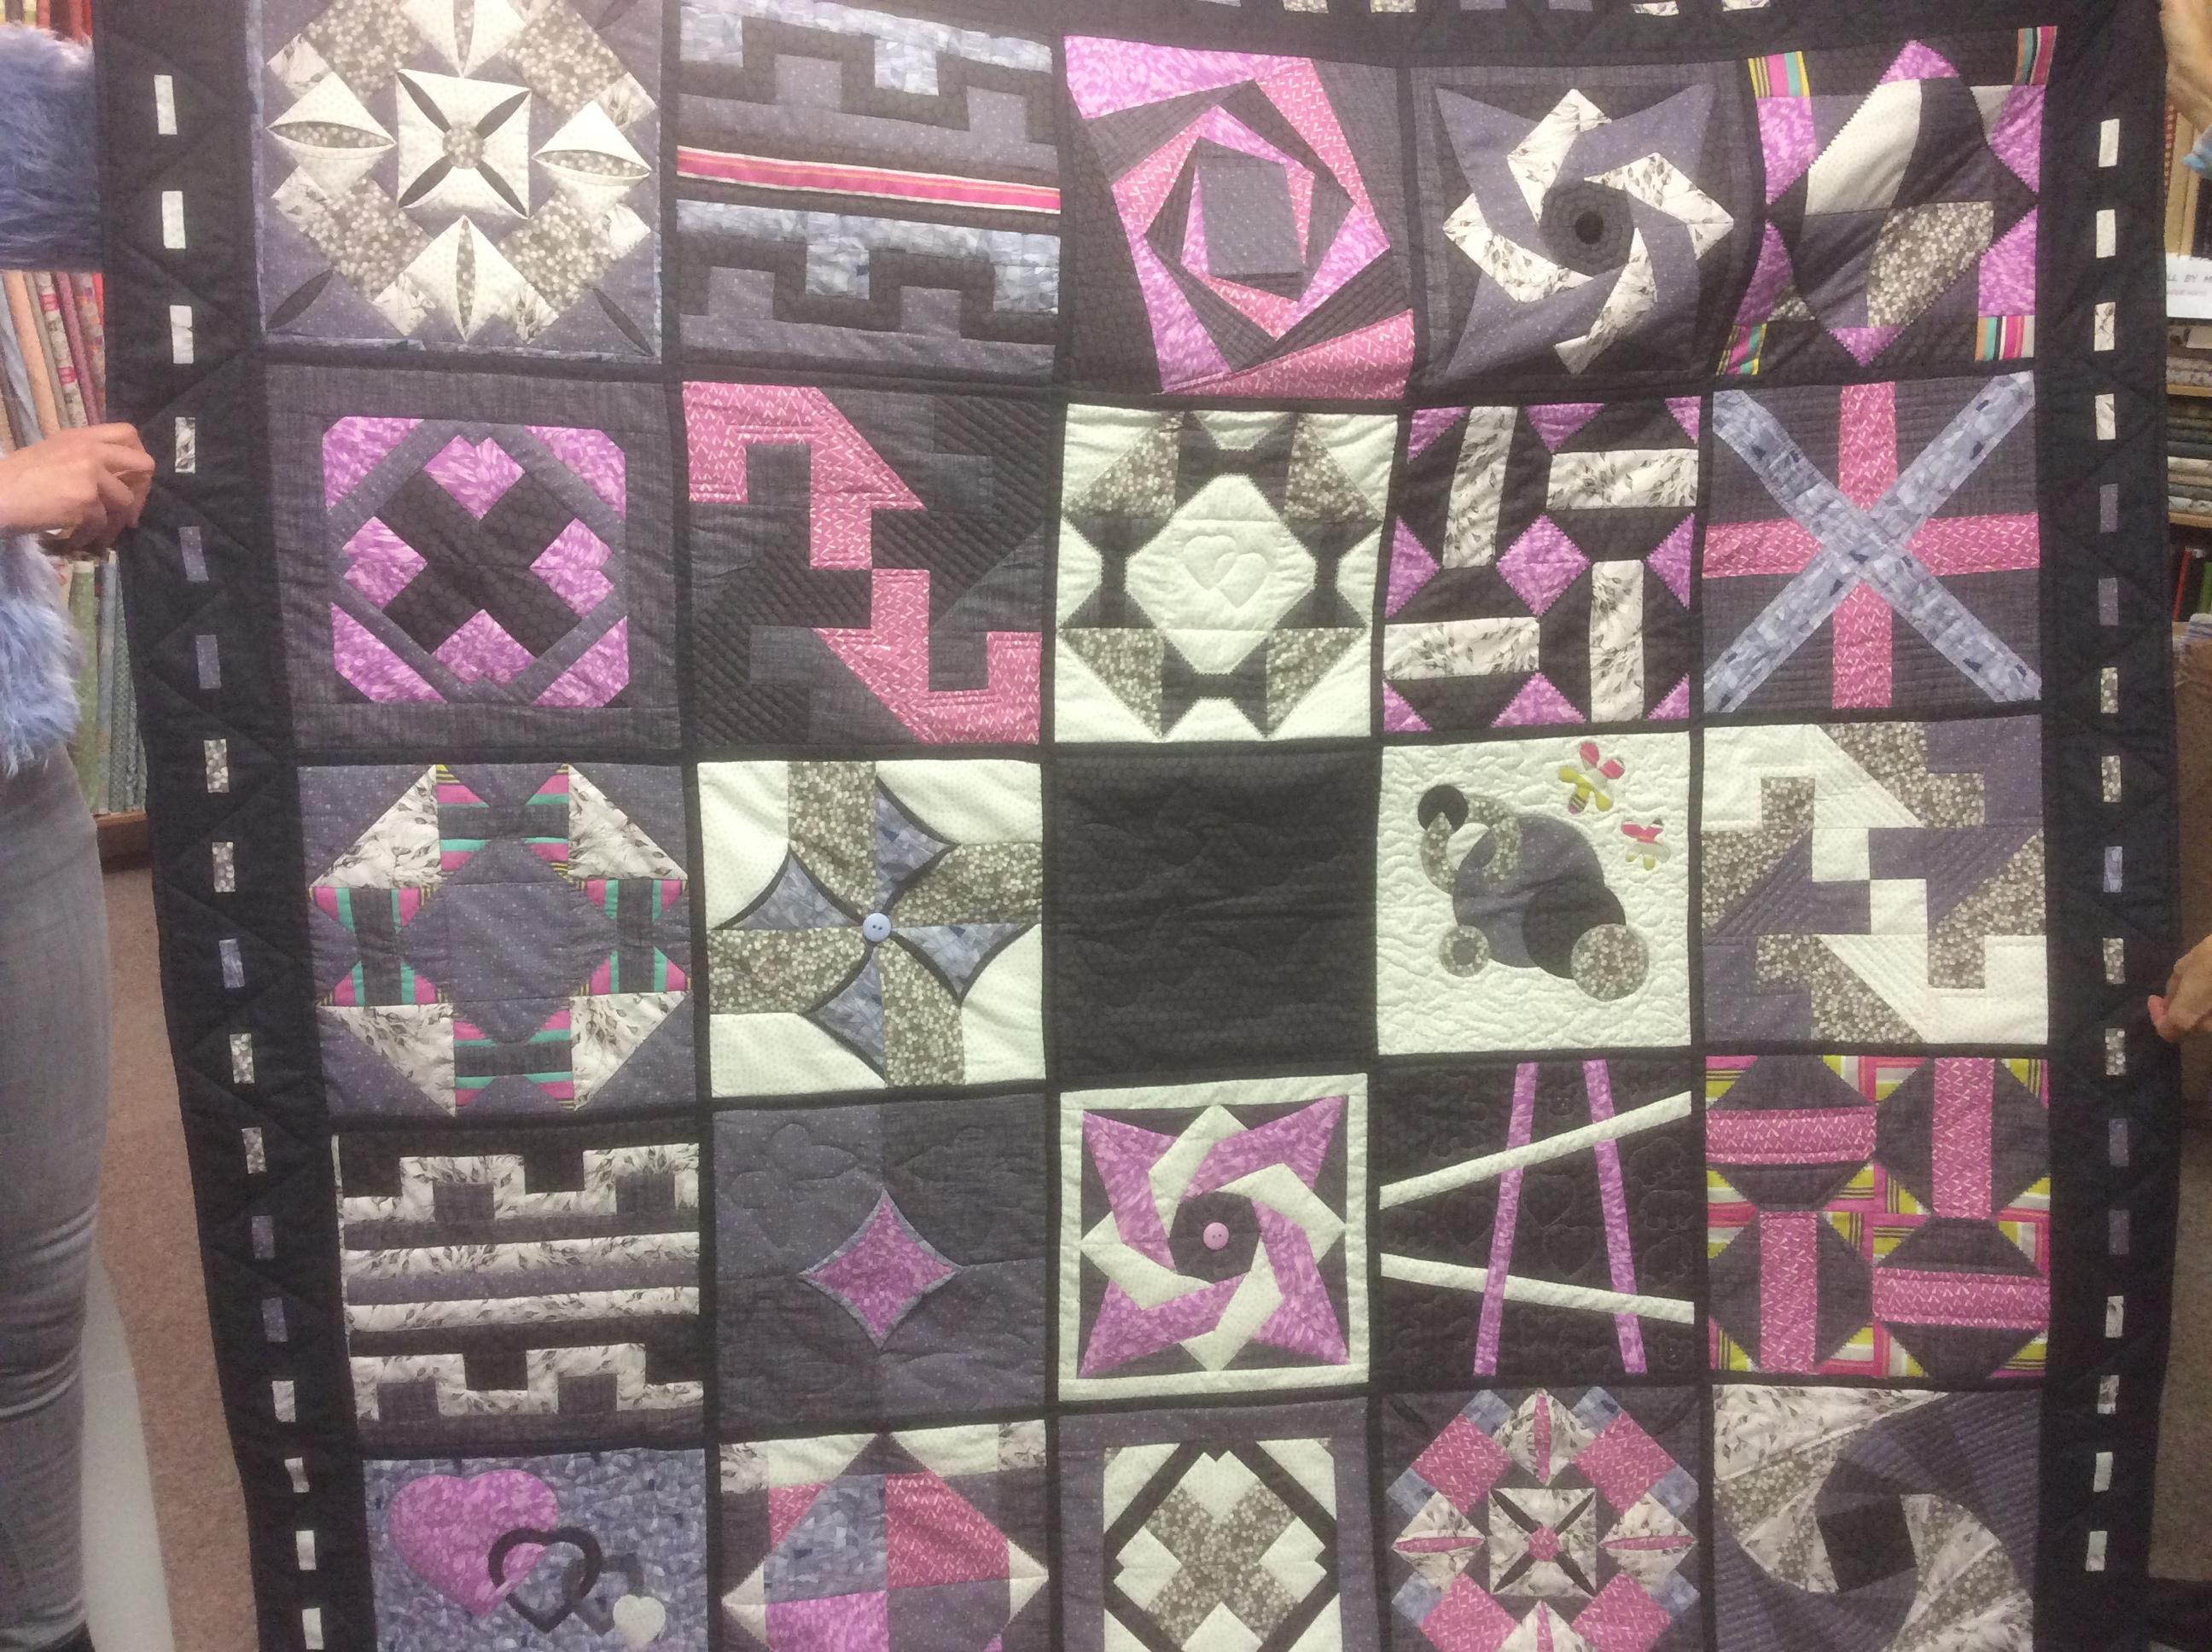 Caroles sampler quilt 2